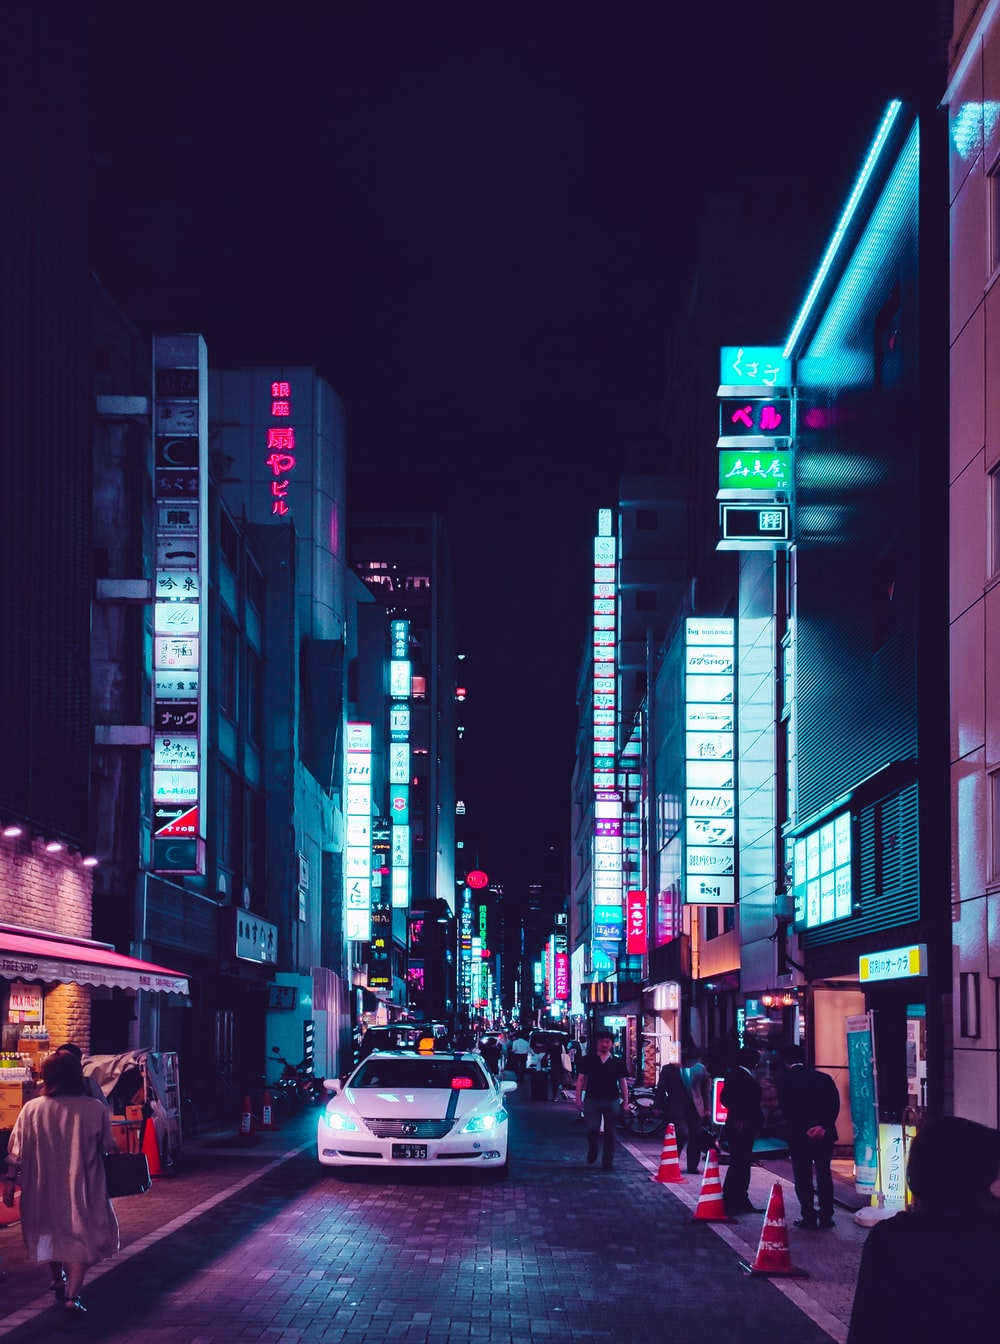 people walking on street during night time